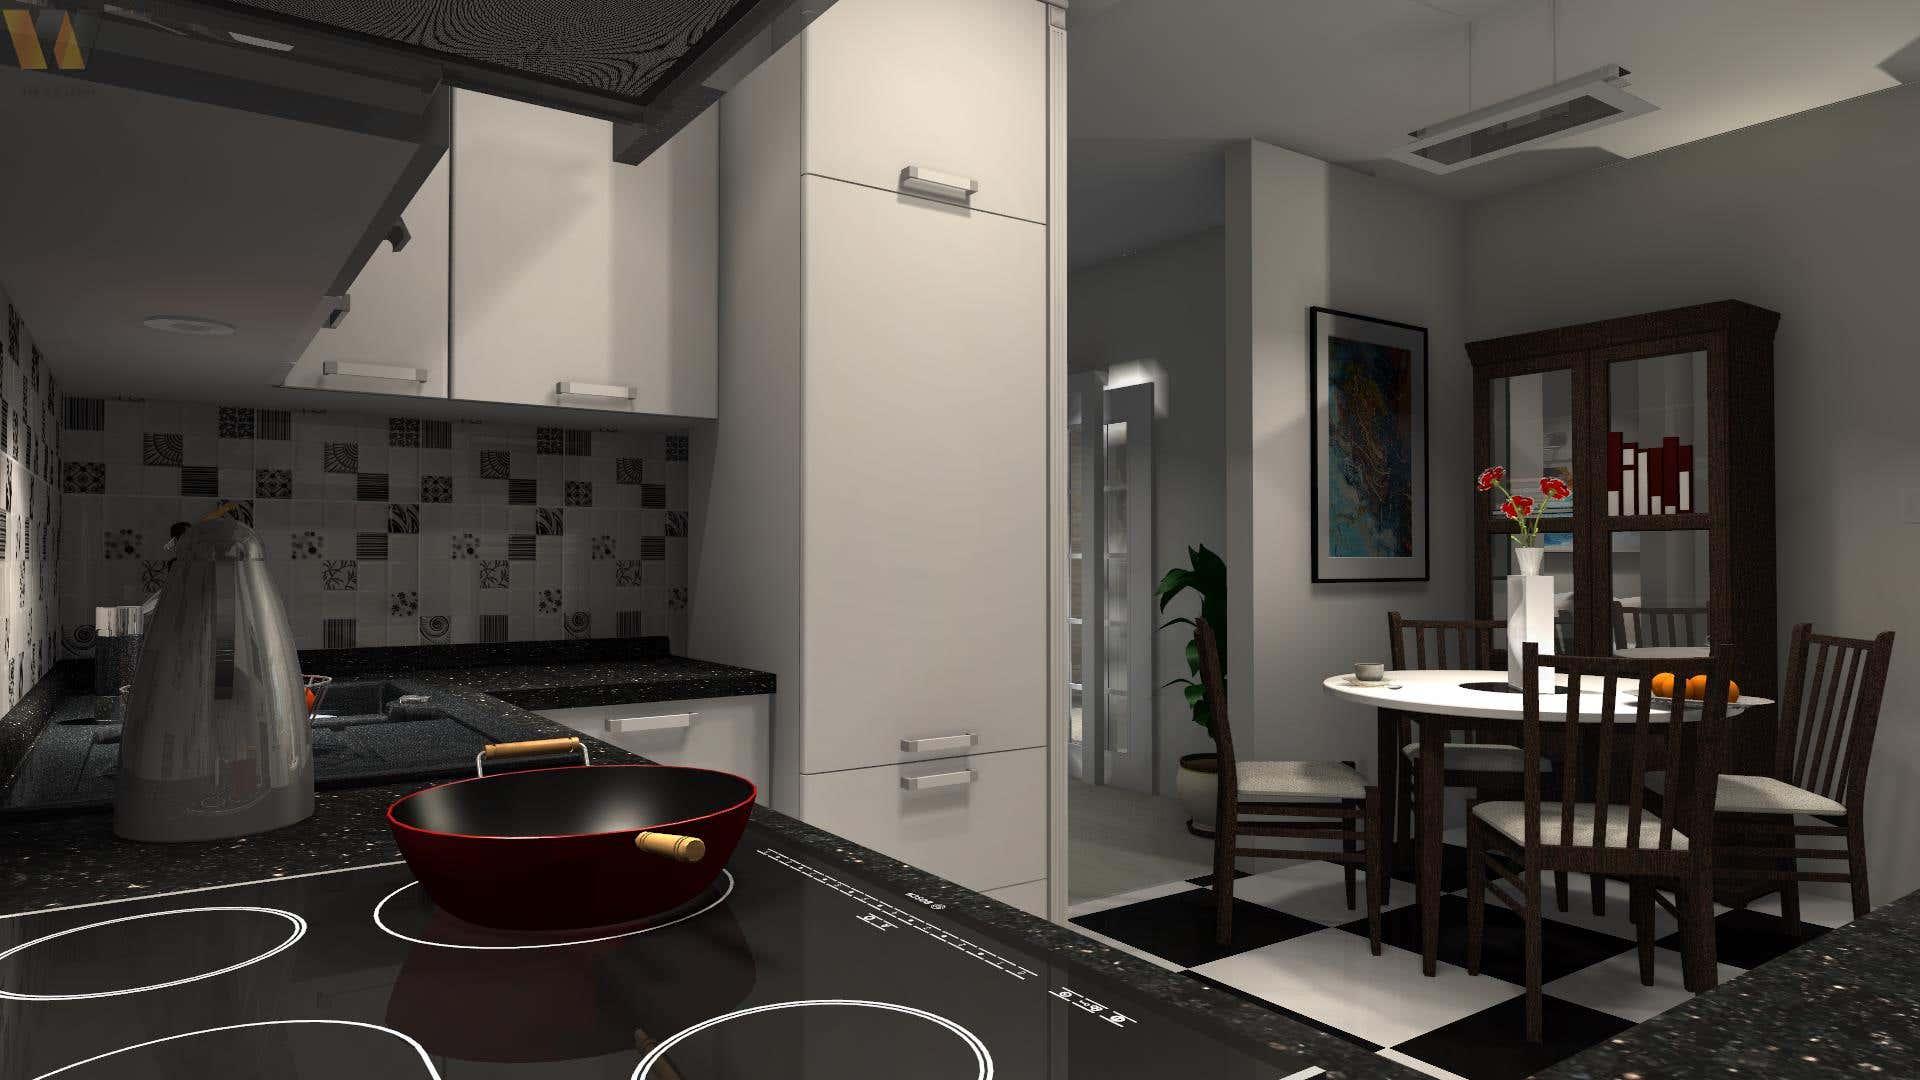 Kitchen - Interior design